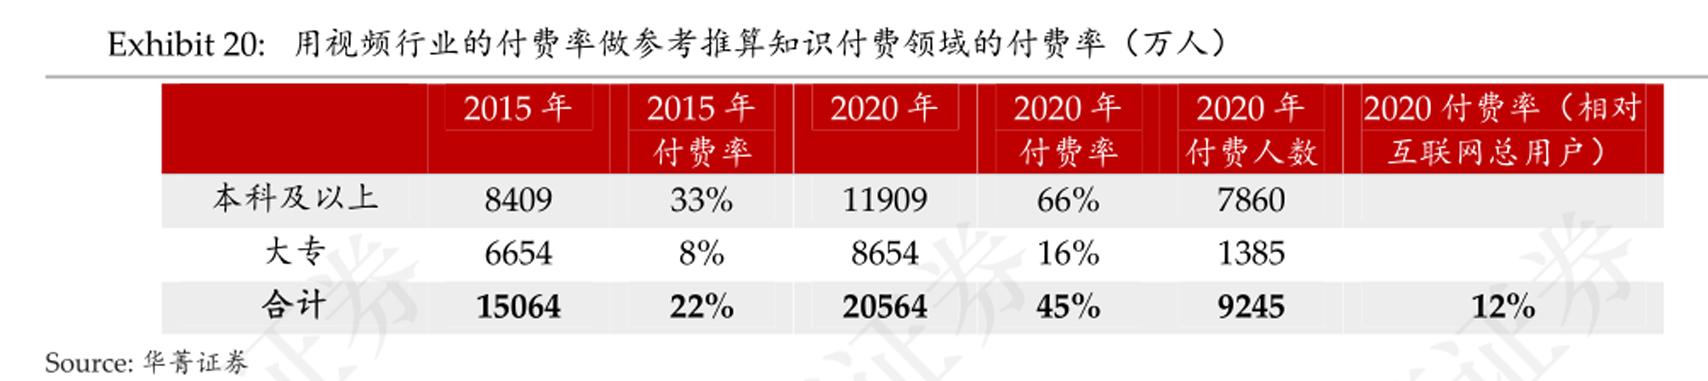 日媒:日本IT业薪酬十年未增被各国挖墙脚